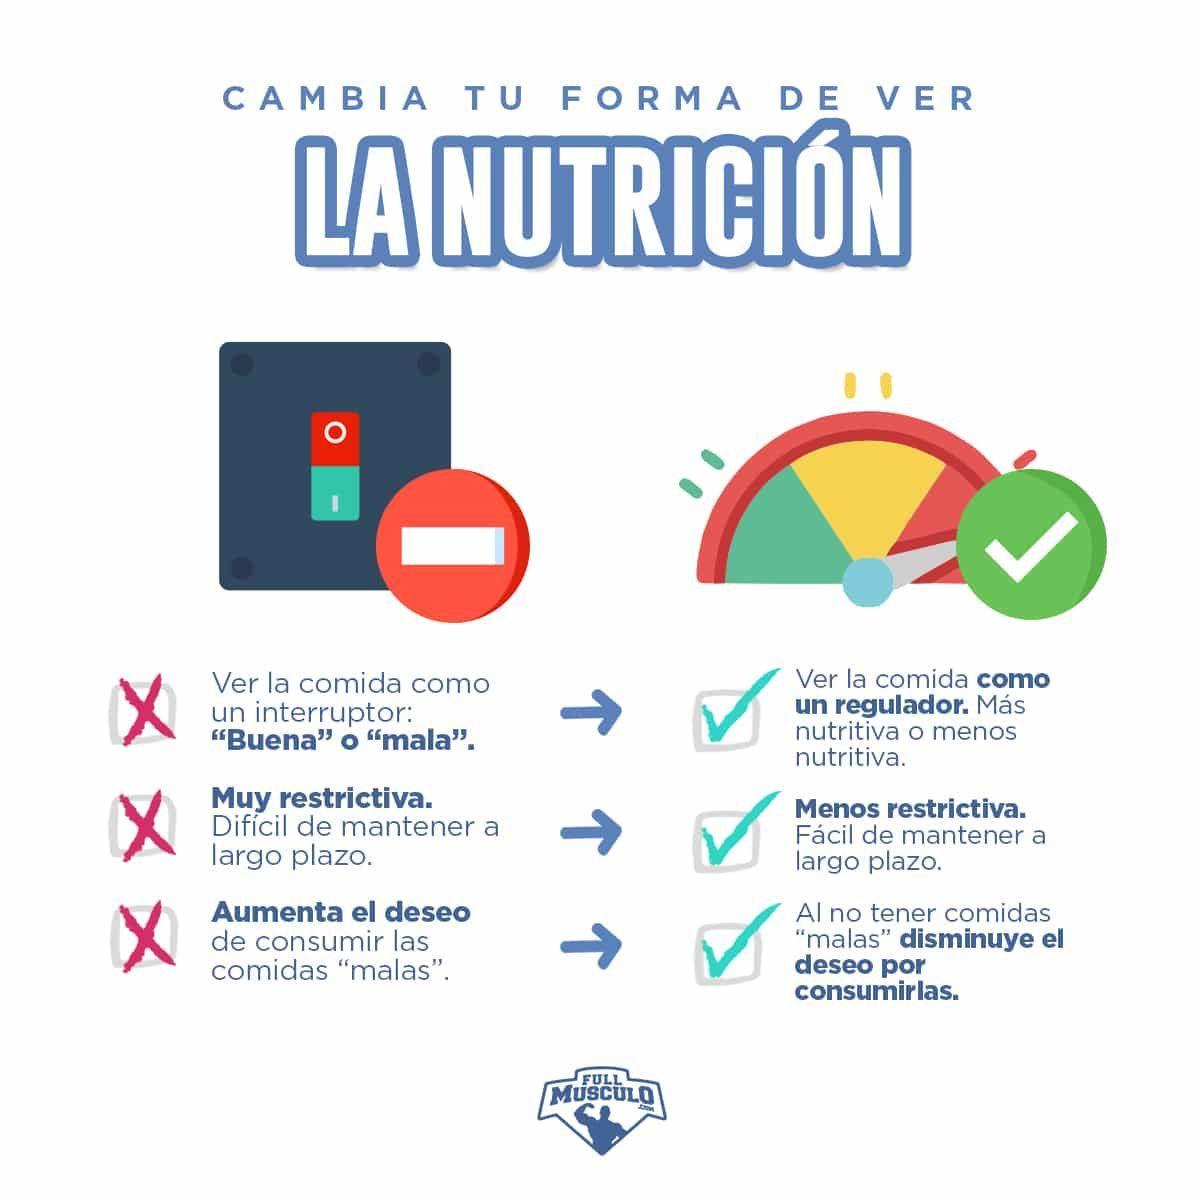 7 Días De Dieta Saludable Con Menú Y Deliciosas Recetas Fullmusculo Dieta Saludable Nutrición Dieta Para Bajar Grasa